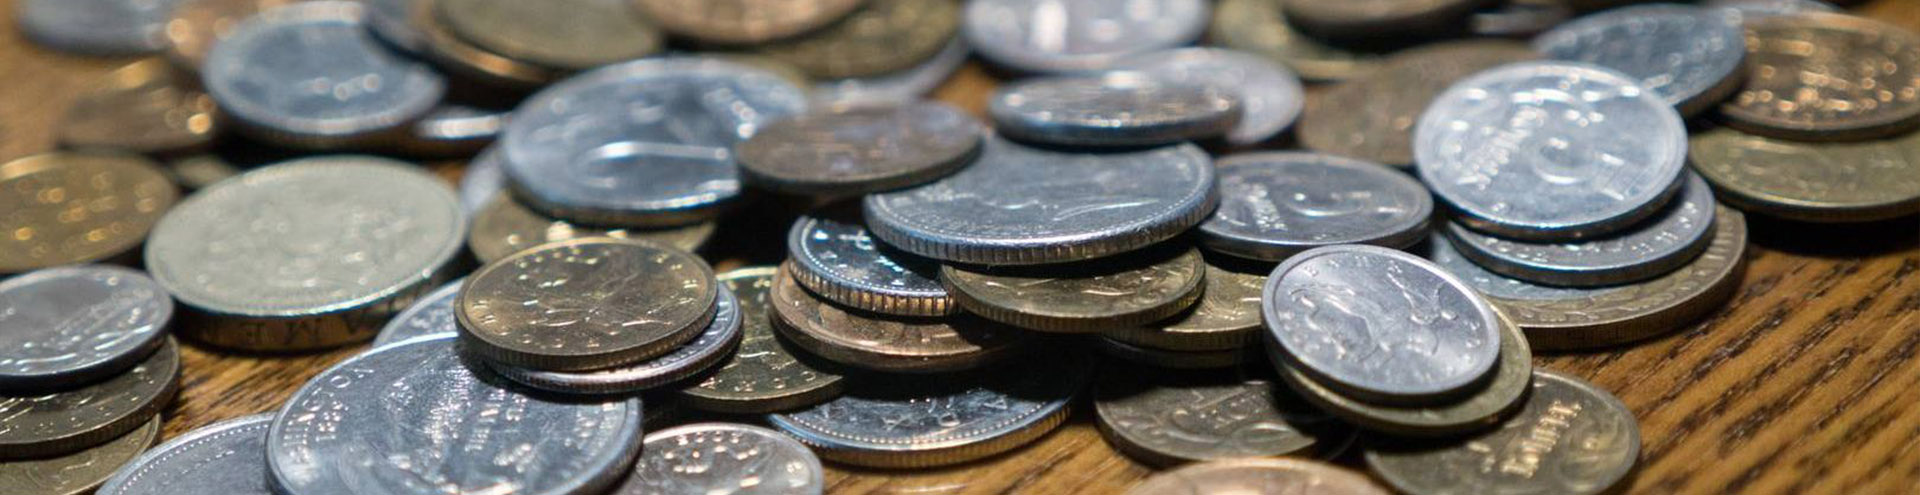 судебное взыскание долгов в Пензе